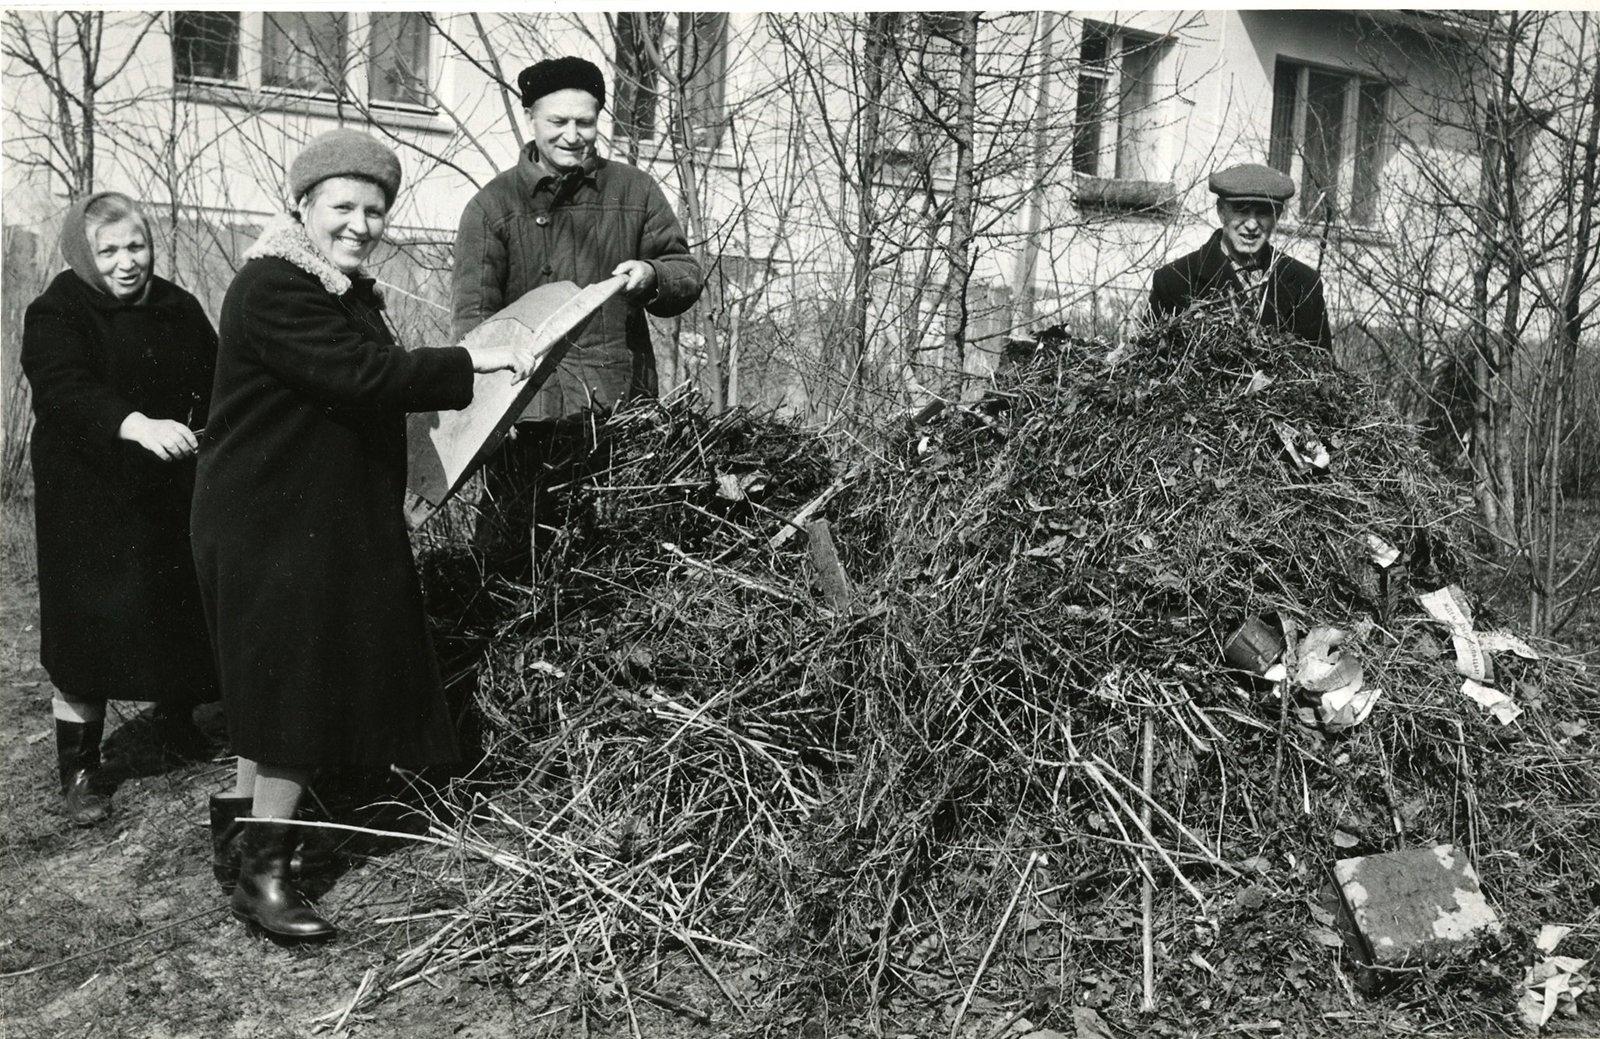 Писатель В.Н. Жуков и жители района на субботнике в 1974 году. Район Кузьминки. Главархив Москвы